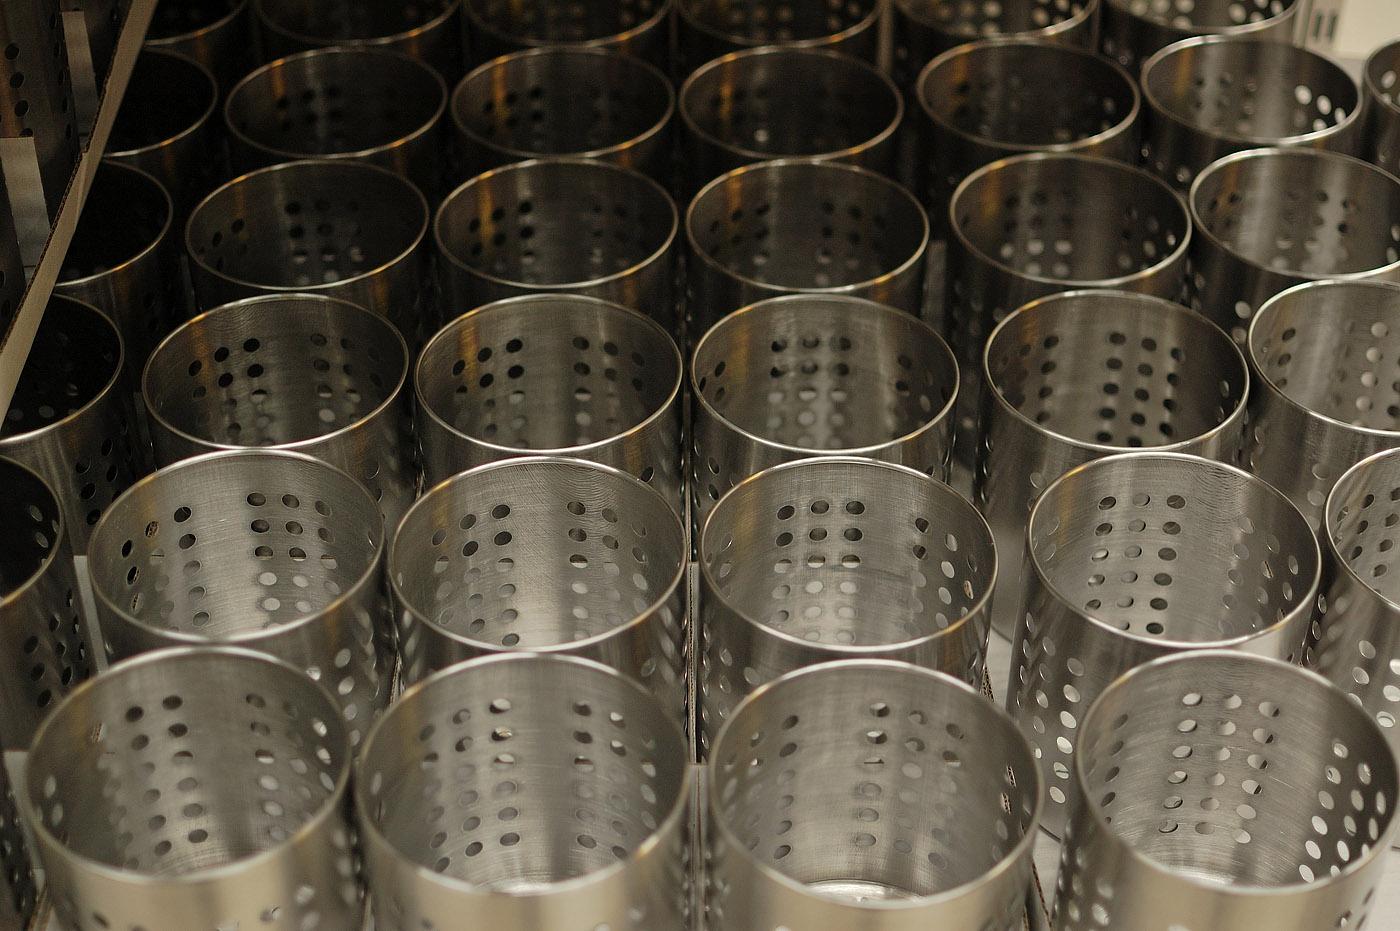 Фото 10. Уроки фотографии зеркальной камерой Nikon D40. Примеры фото на фикс Nikon 35mm f/1.8G. 1/80, 1.8, 200, 35.